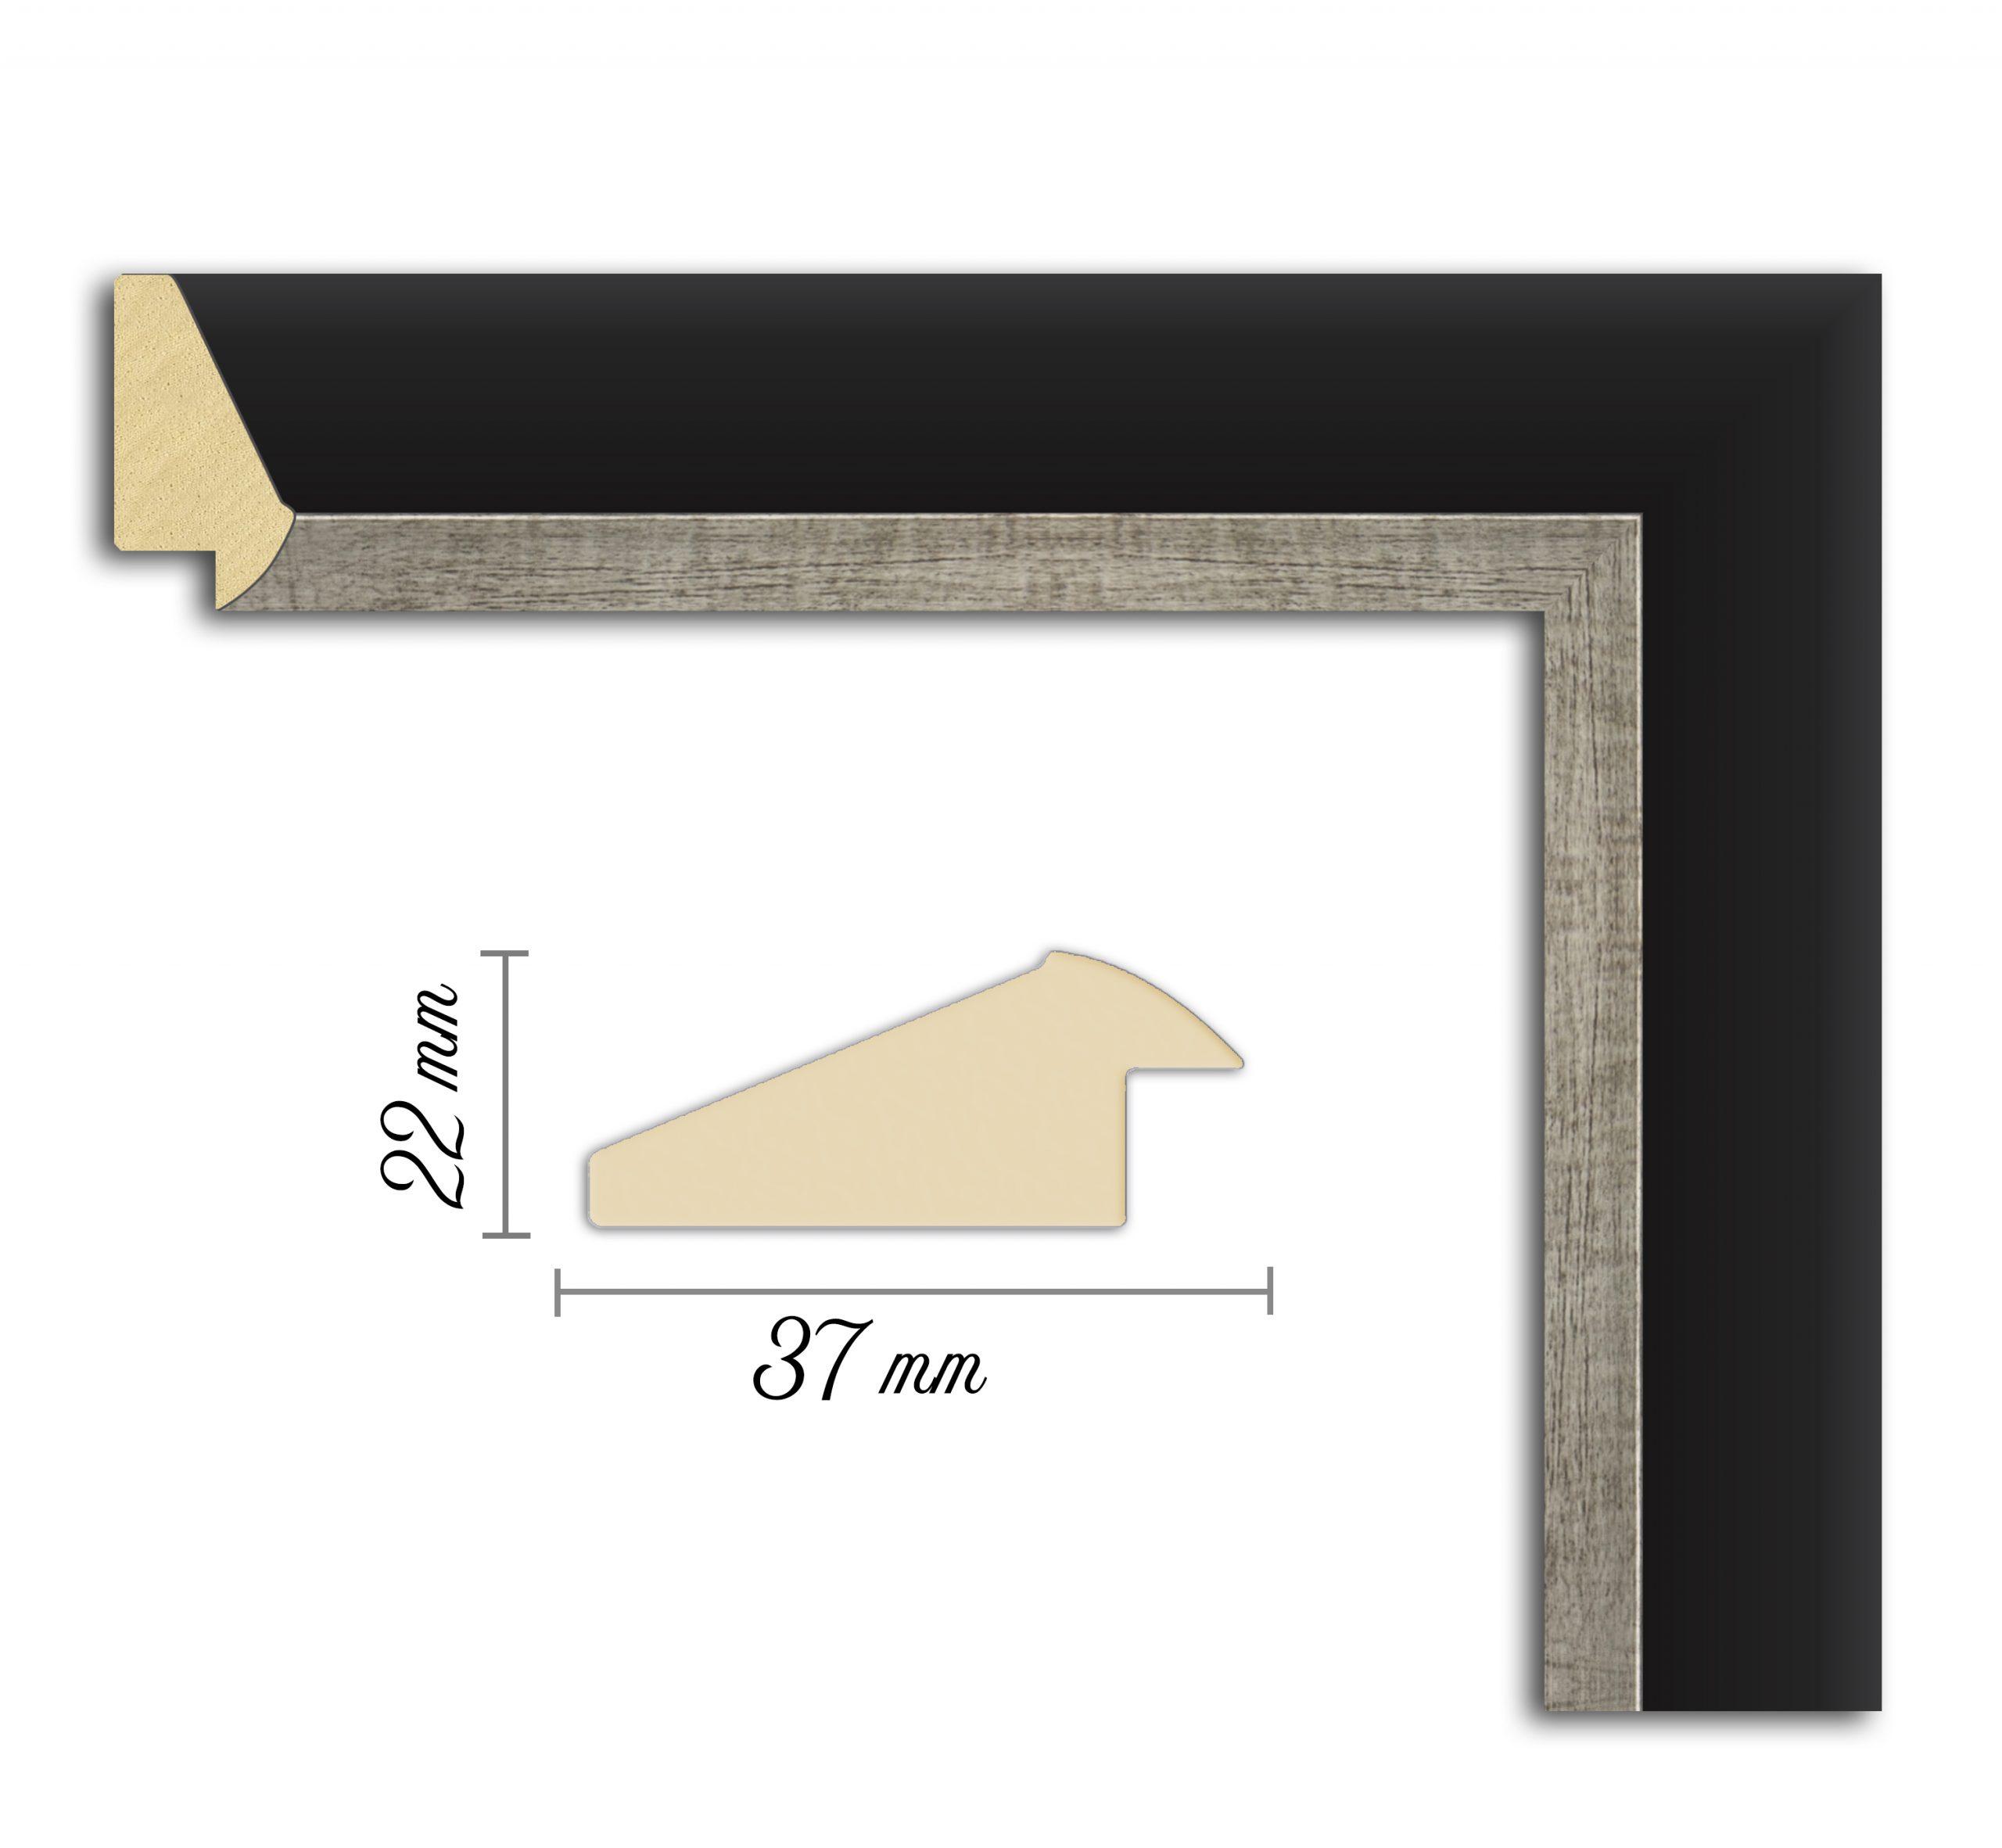 Дървен профил 07-37, Дървени профили за рамки, рамкиране, рамки за картини, рамки за гоблени, профили за рамки, профили за рамкиране, рамки от дърво, дървени рамки, профили за рамки, профили за рамкране, рамкиране на картини; рамка платинена, черен профил за рамка, черно и сребърно рамка, рамка черно със сребро, черно и сребърно рамка; Рамка сребърна, профил за рамка черен.